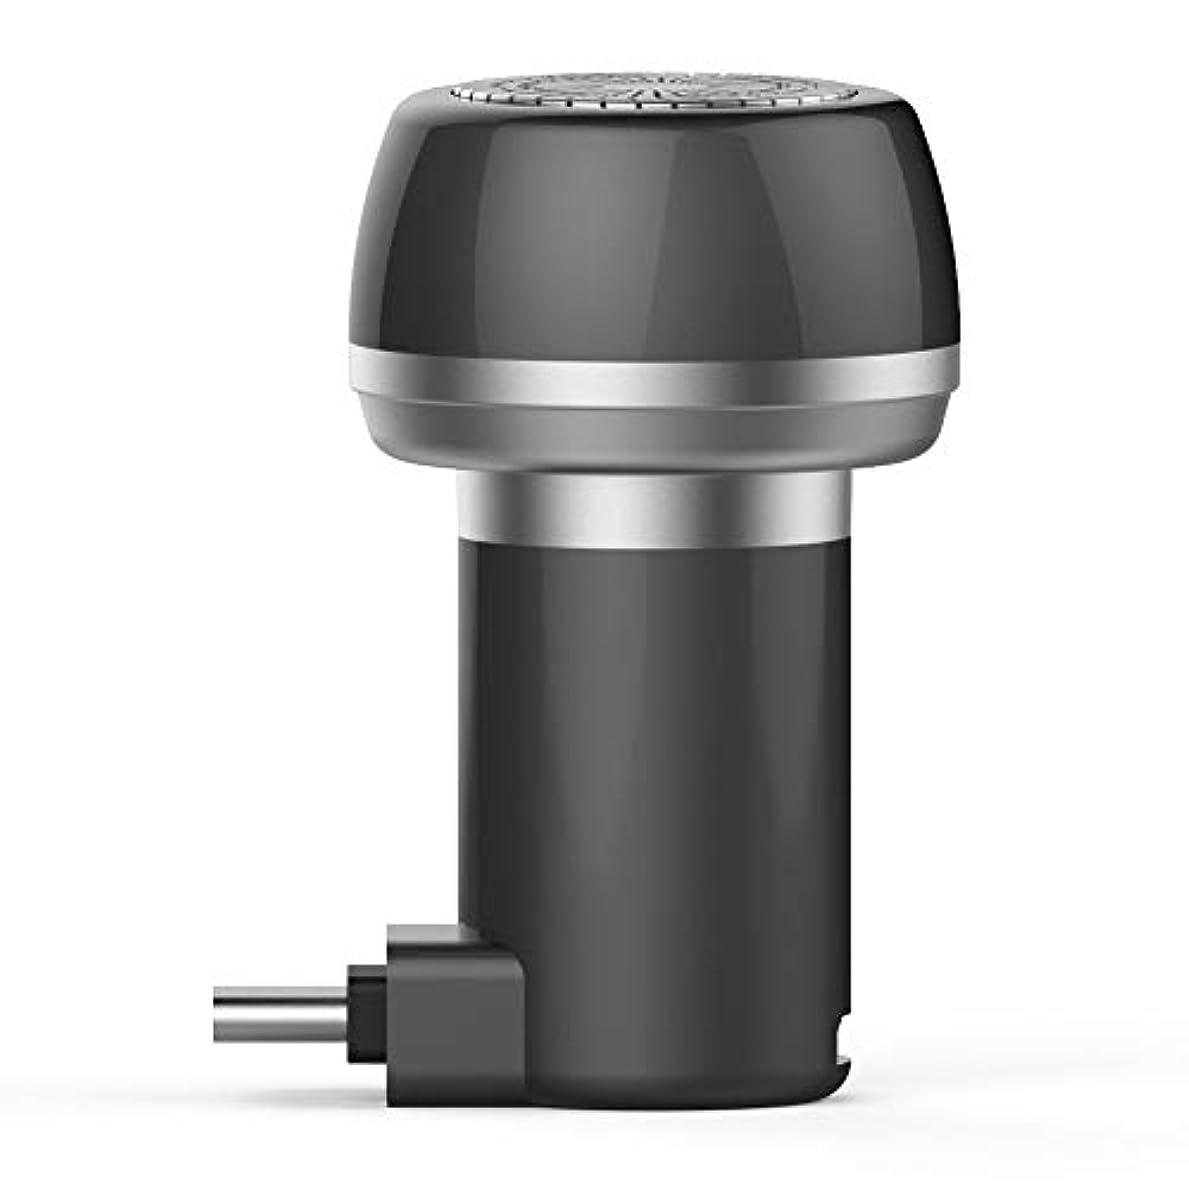 山岳独創的軸Funtoget 2 1磁気電気シェーバーミニポータブルType-C USB防水剃刀